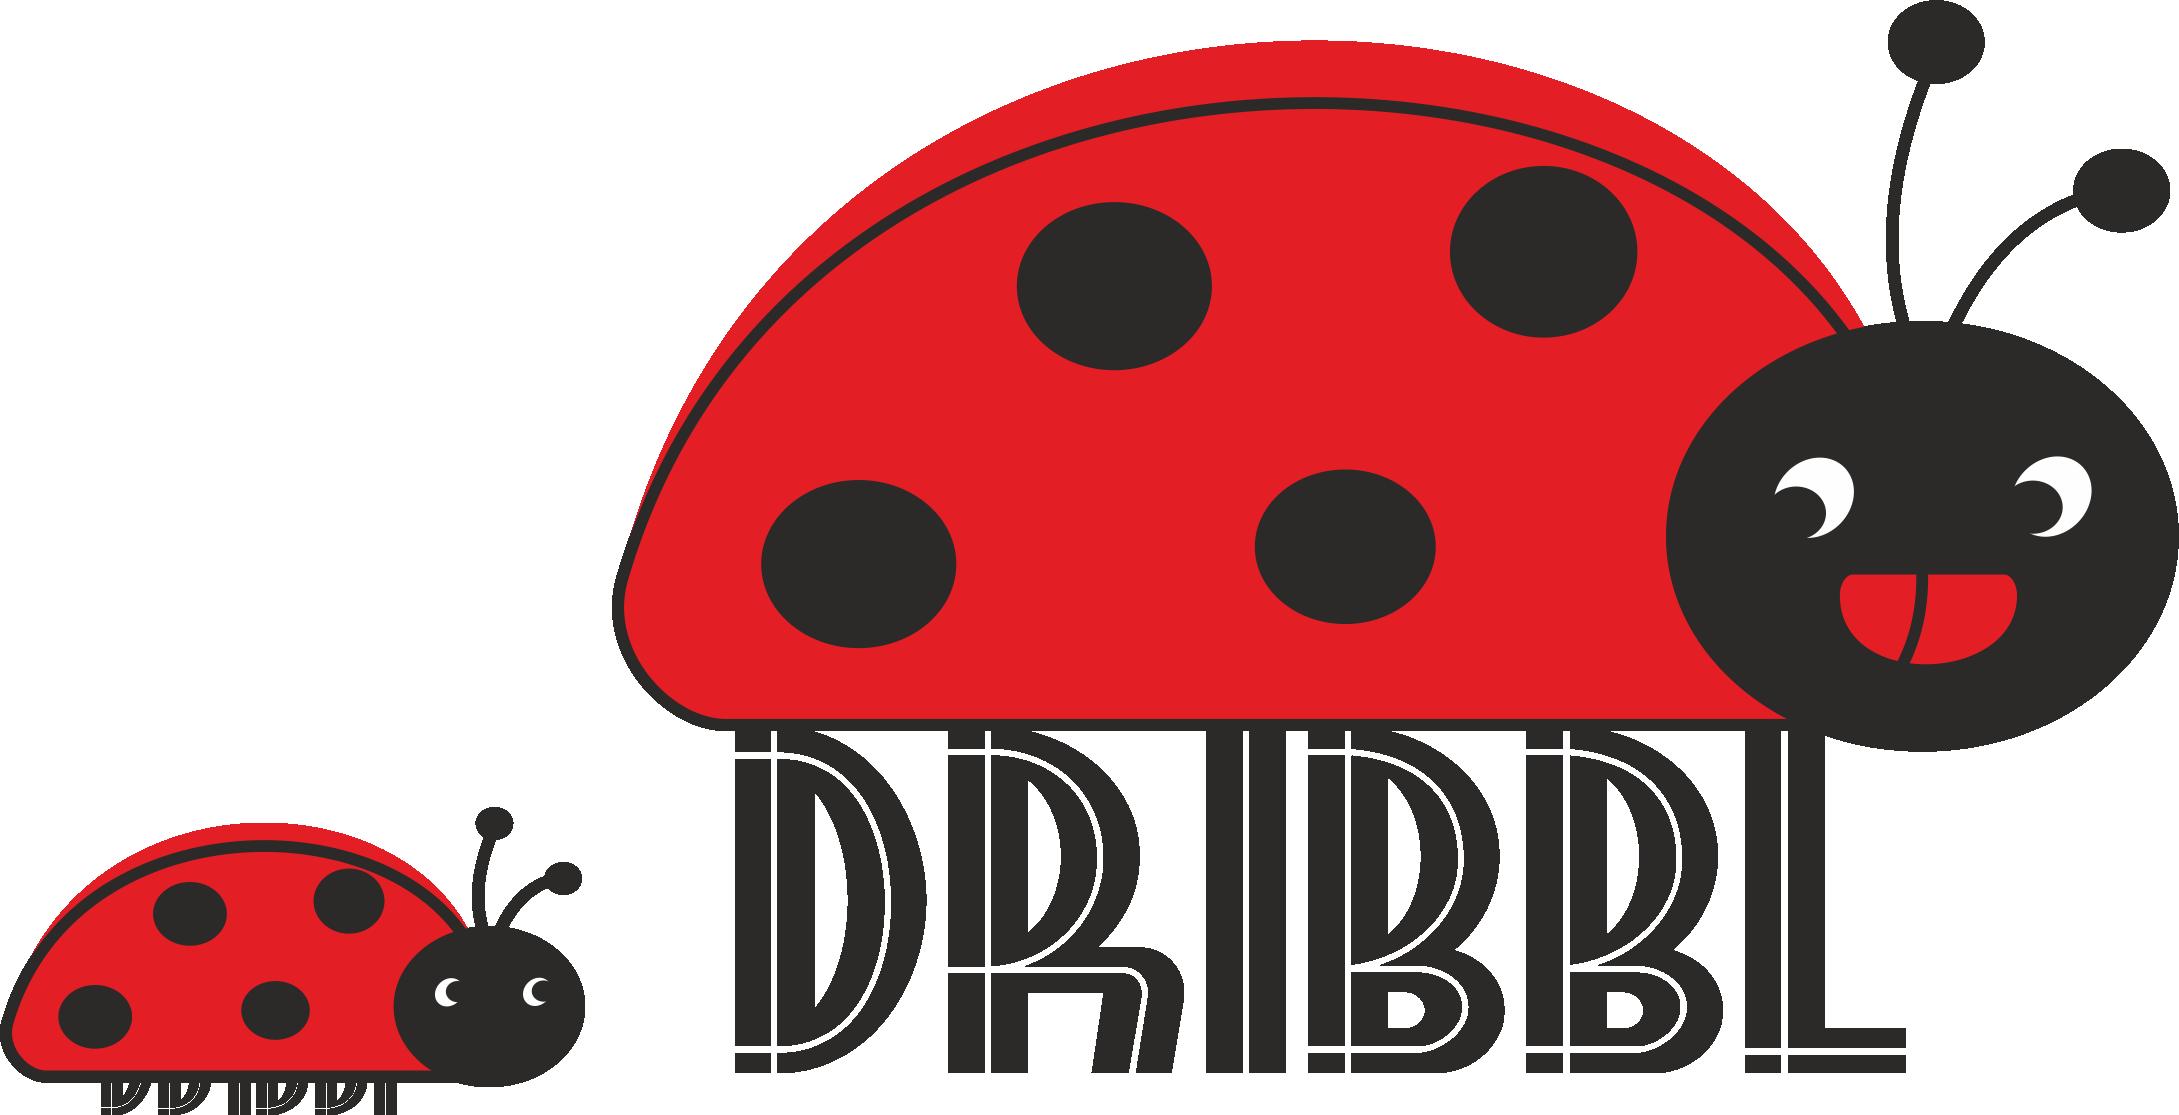 Разработка логотипа для сайта Dribbl.ru фото f_5035a9be3944de85.png